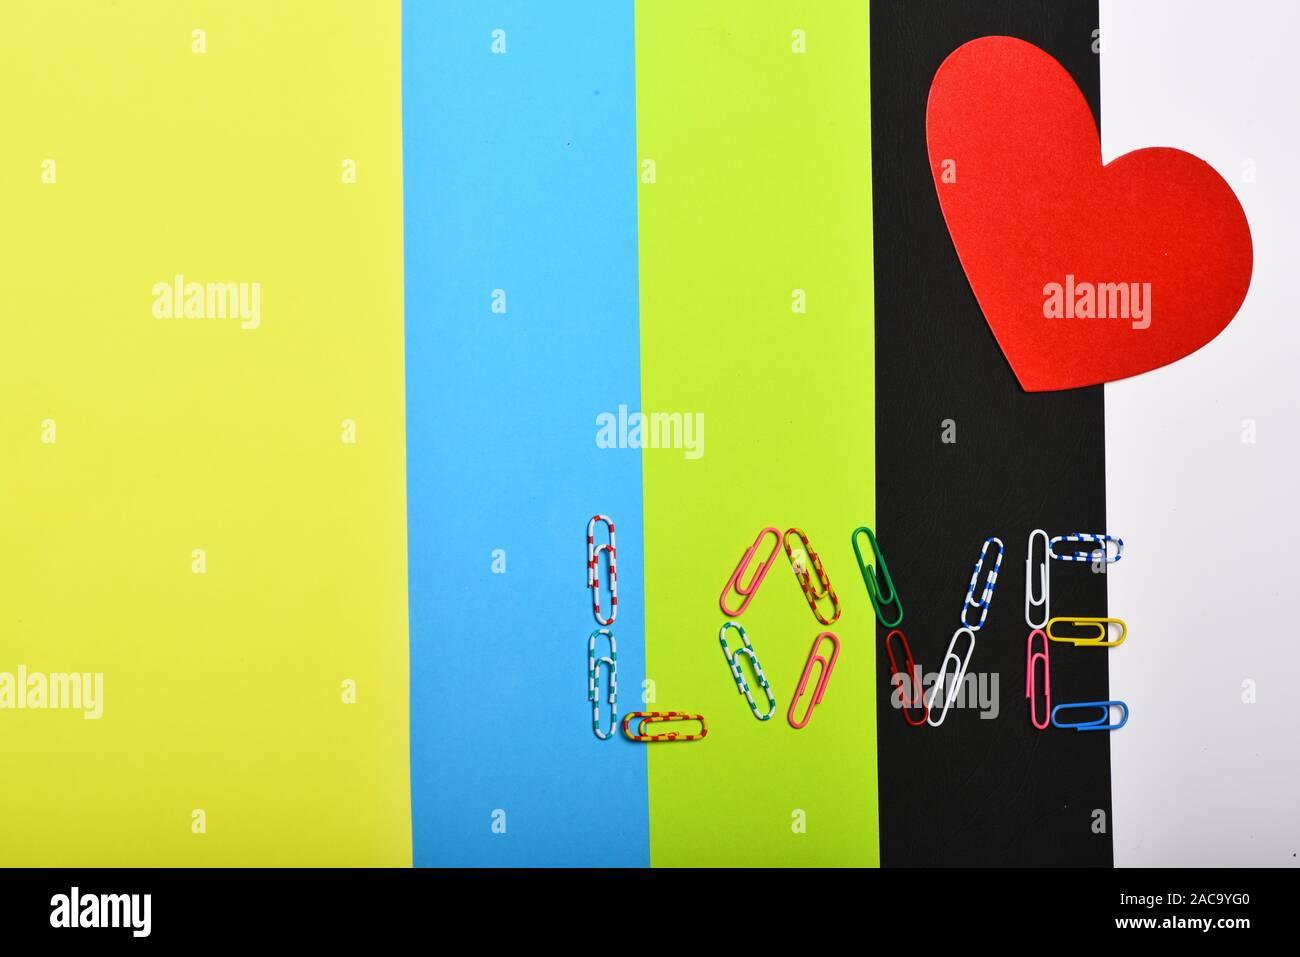 Corazón de papel rojo sobre fondo de colores, vista superior. El amor y el concepto de relación. Tarjeta del Día de San Valentín con espacio de copia. Colorido clips de papel formando la palabra AMOR. Foto de stock